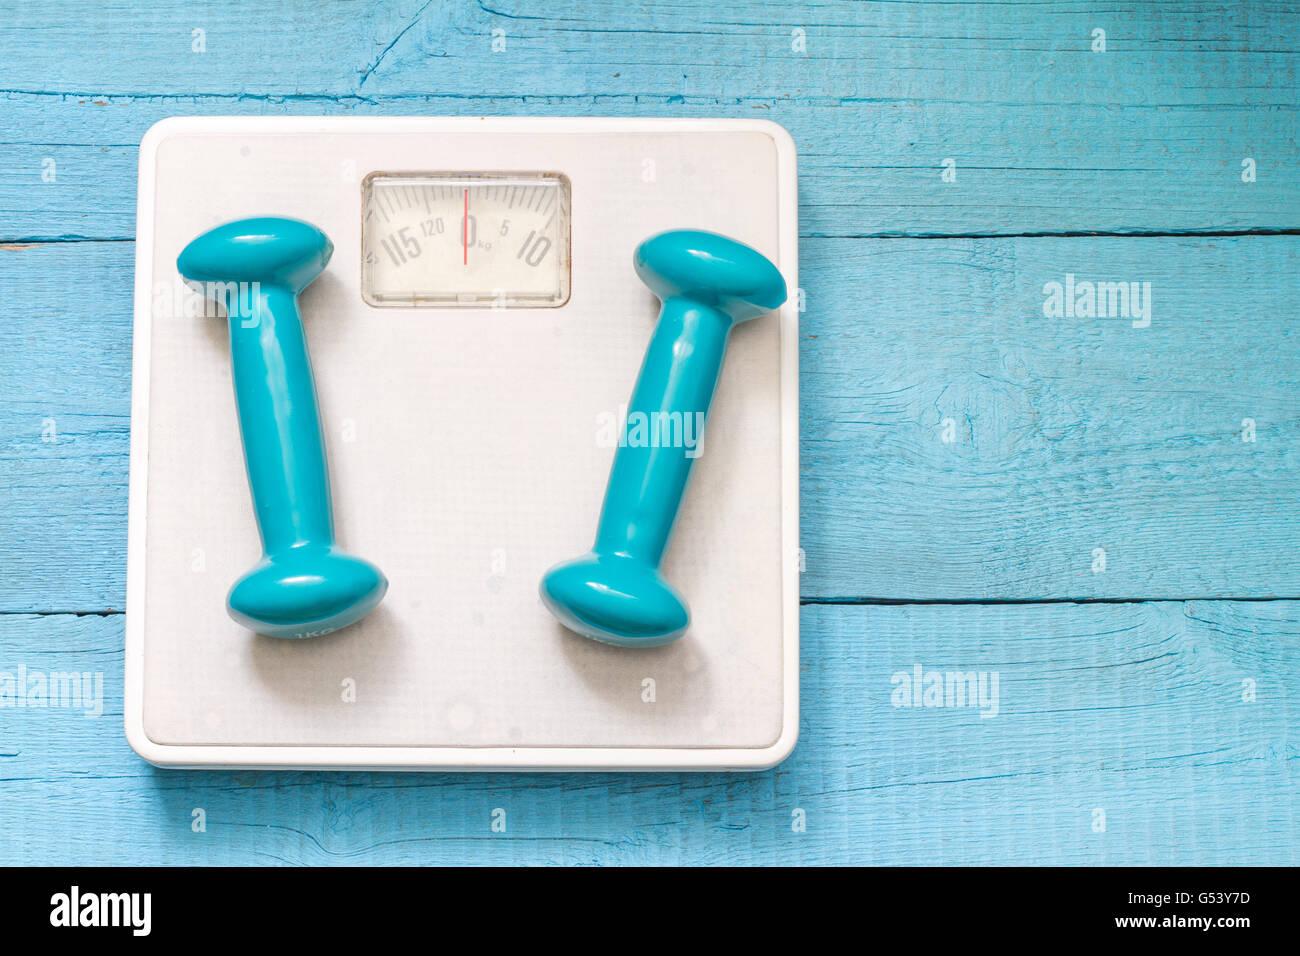 Gimnasio y dieta concepto abstracto con mancuernas closeup Imagen De Stock